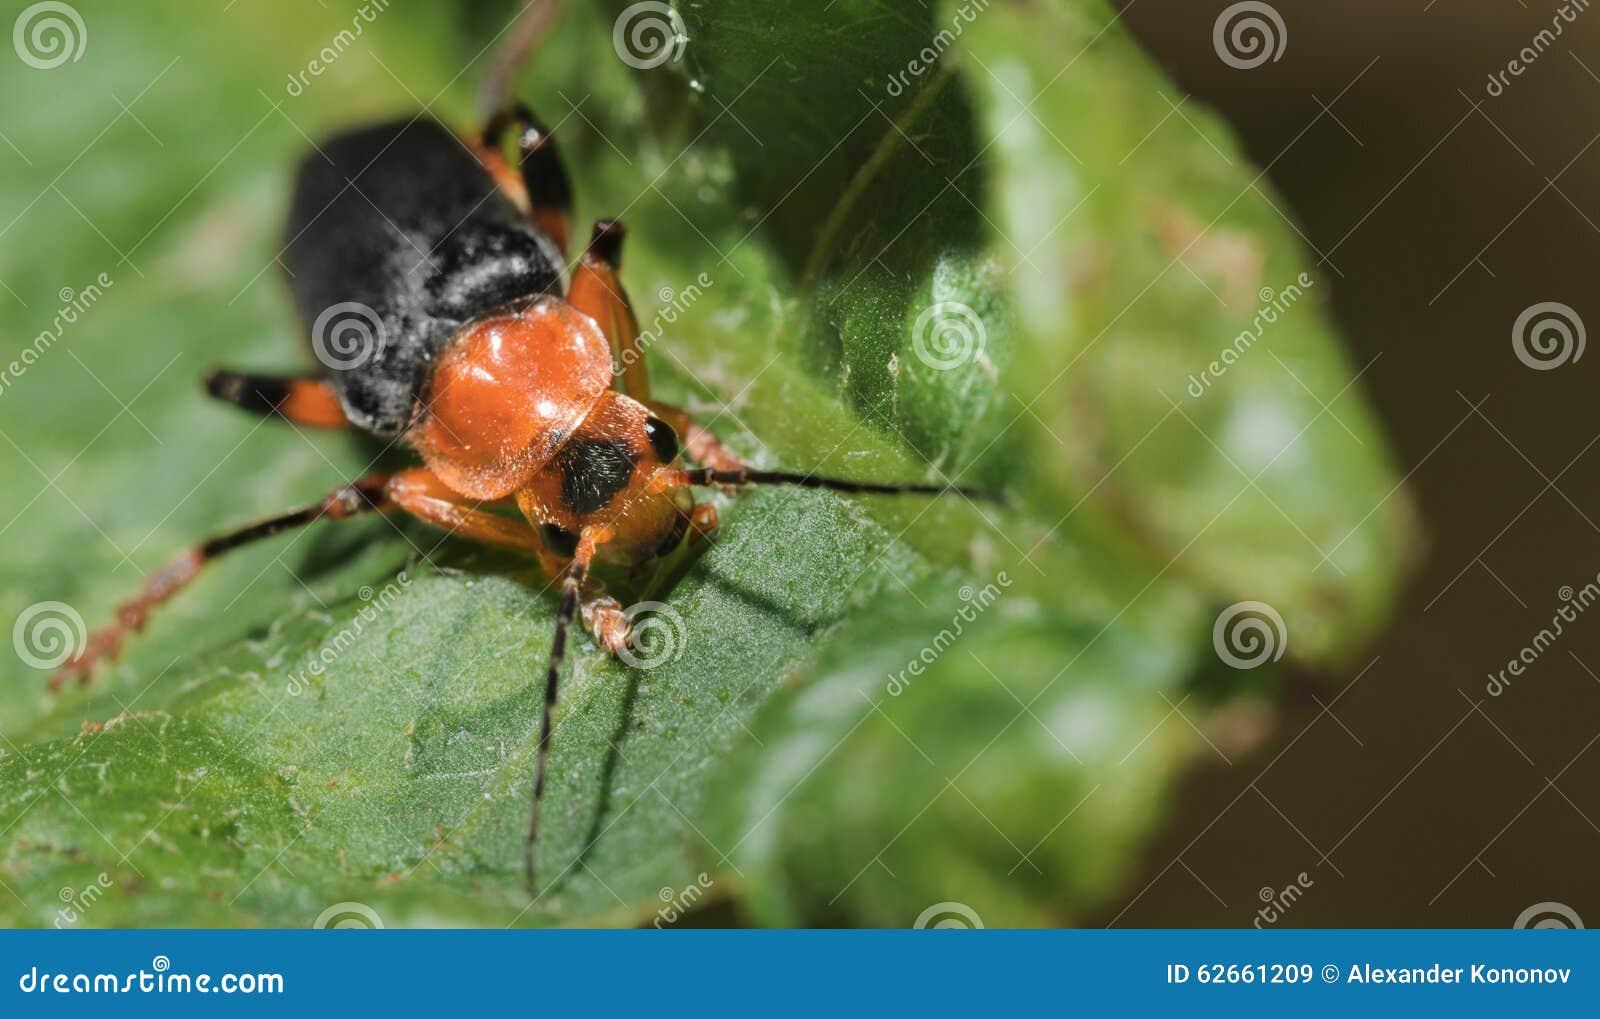 L 39 insecte rouge et noir photo stock image 62661209 - Insecte rouge et noir ...